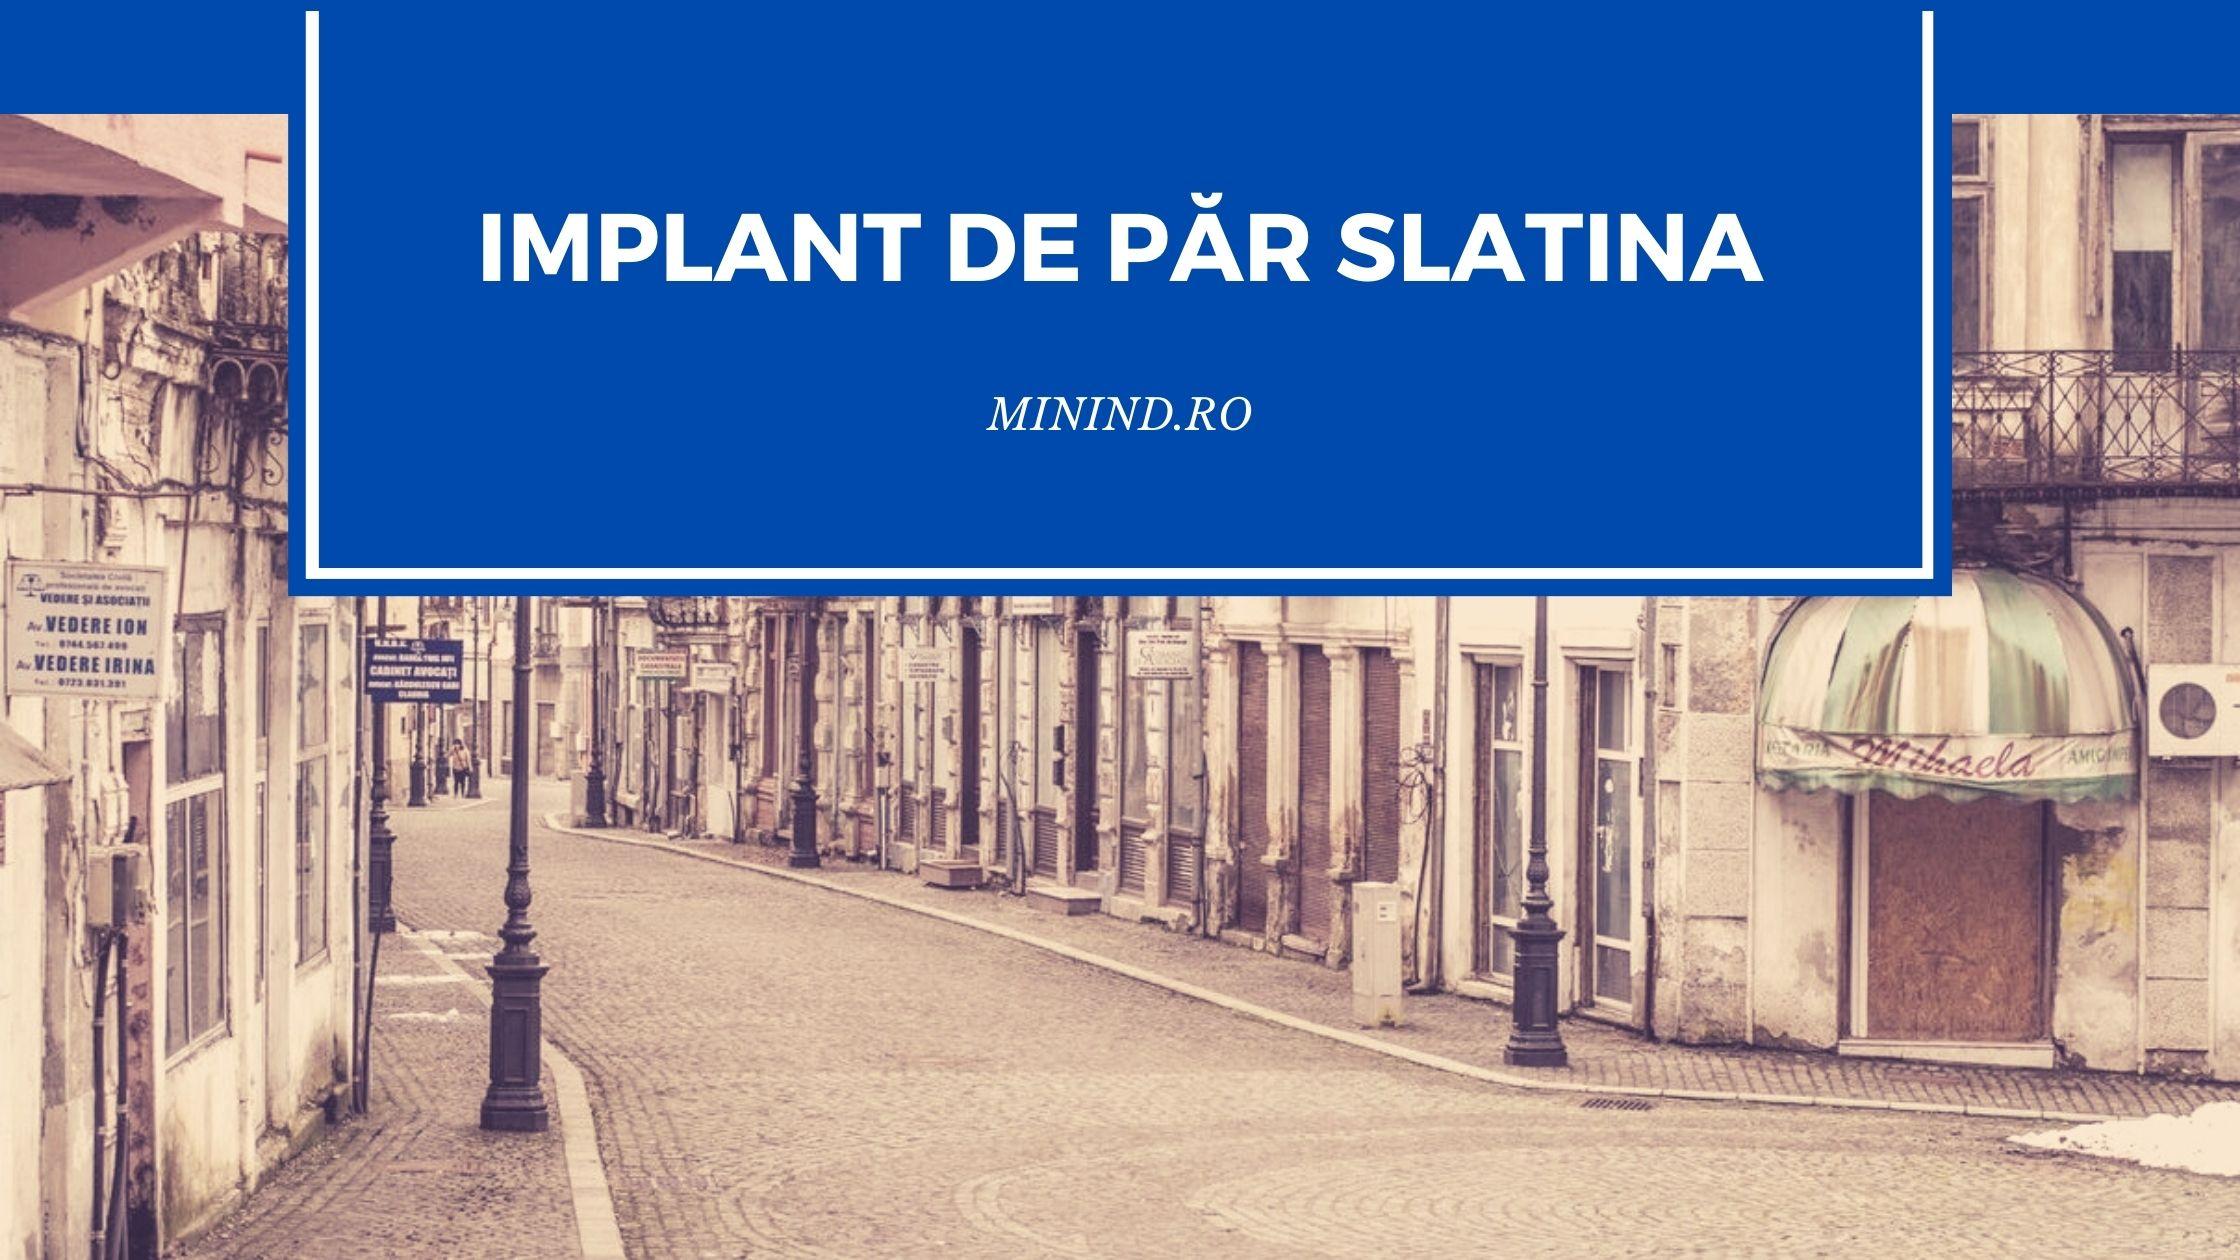 implant de par slatina